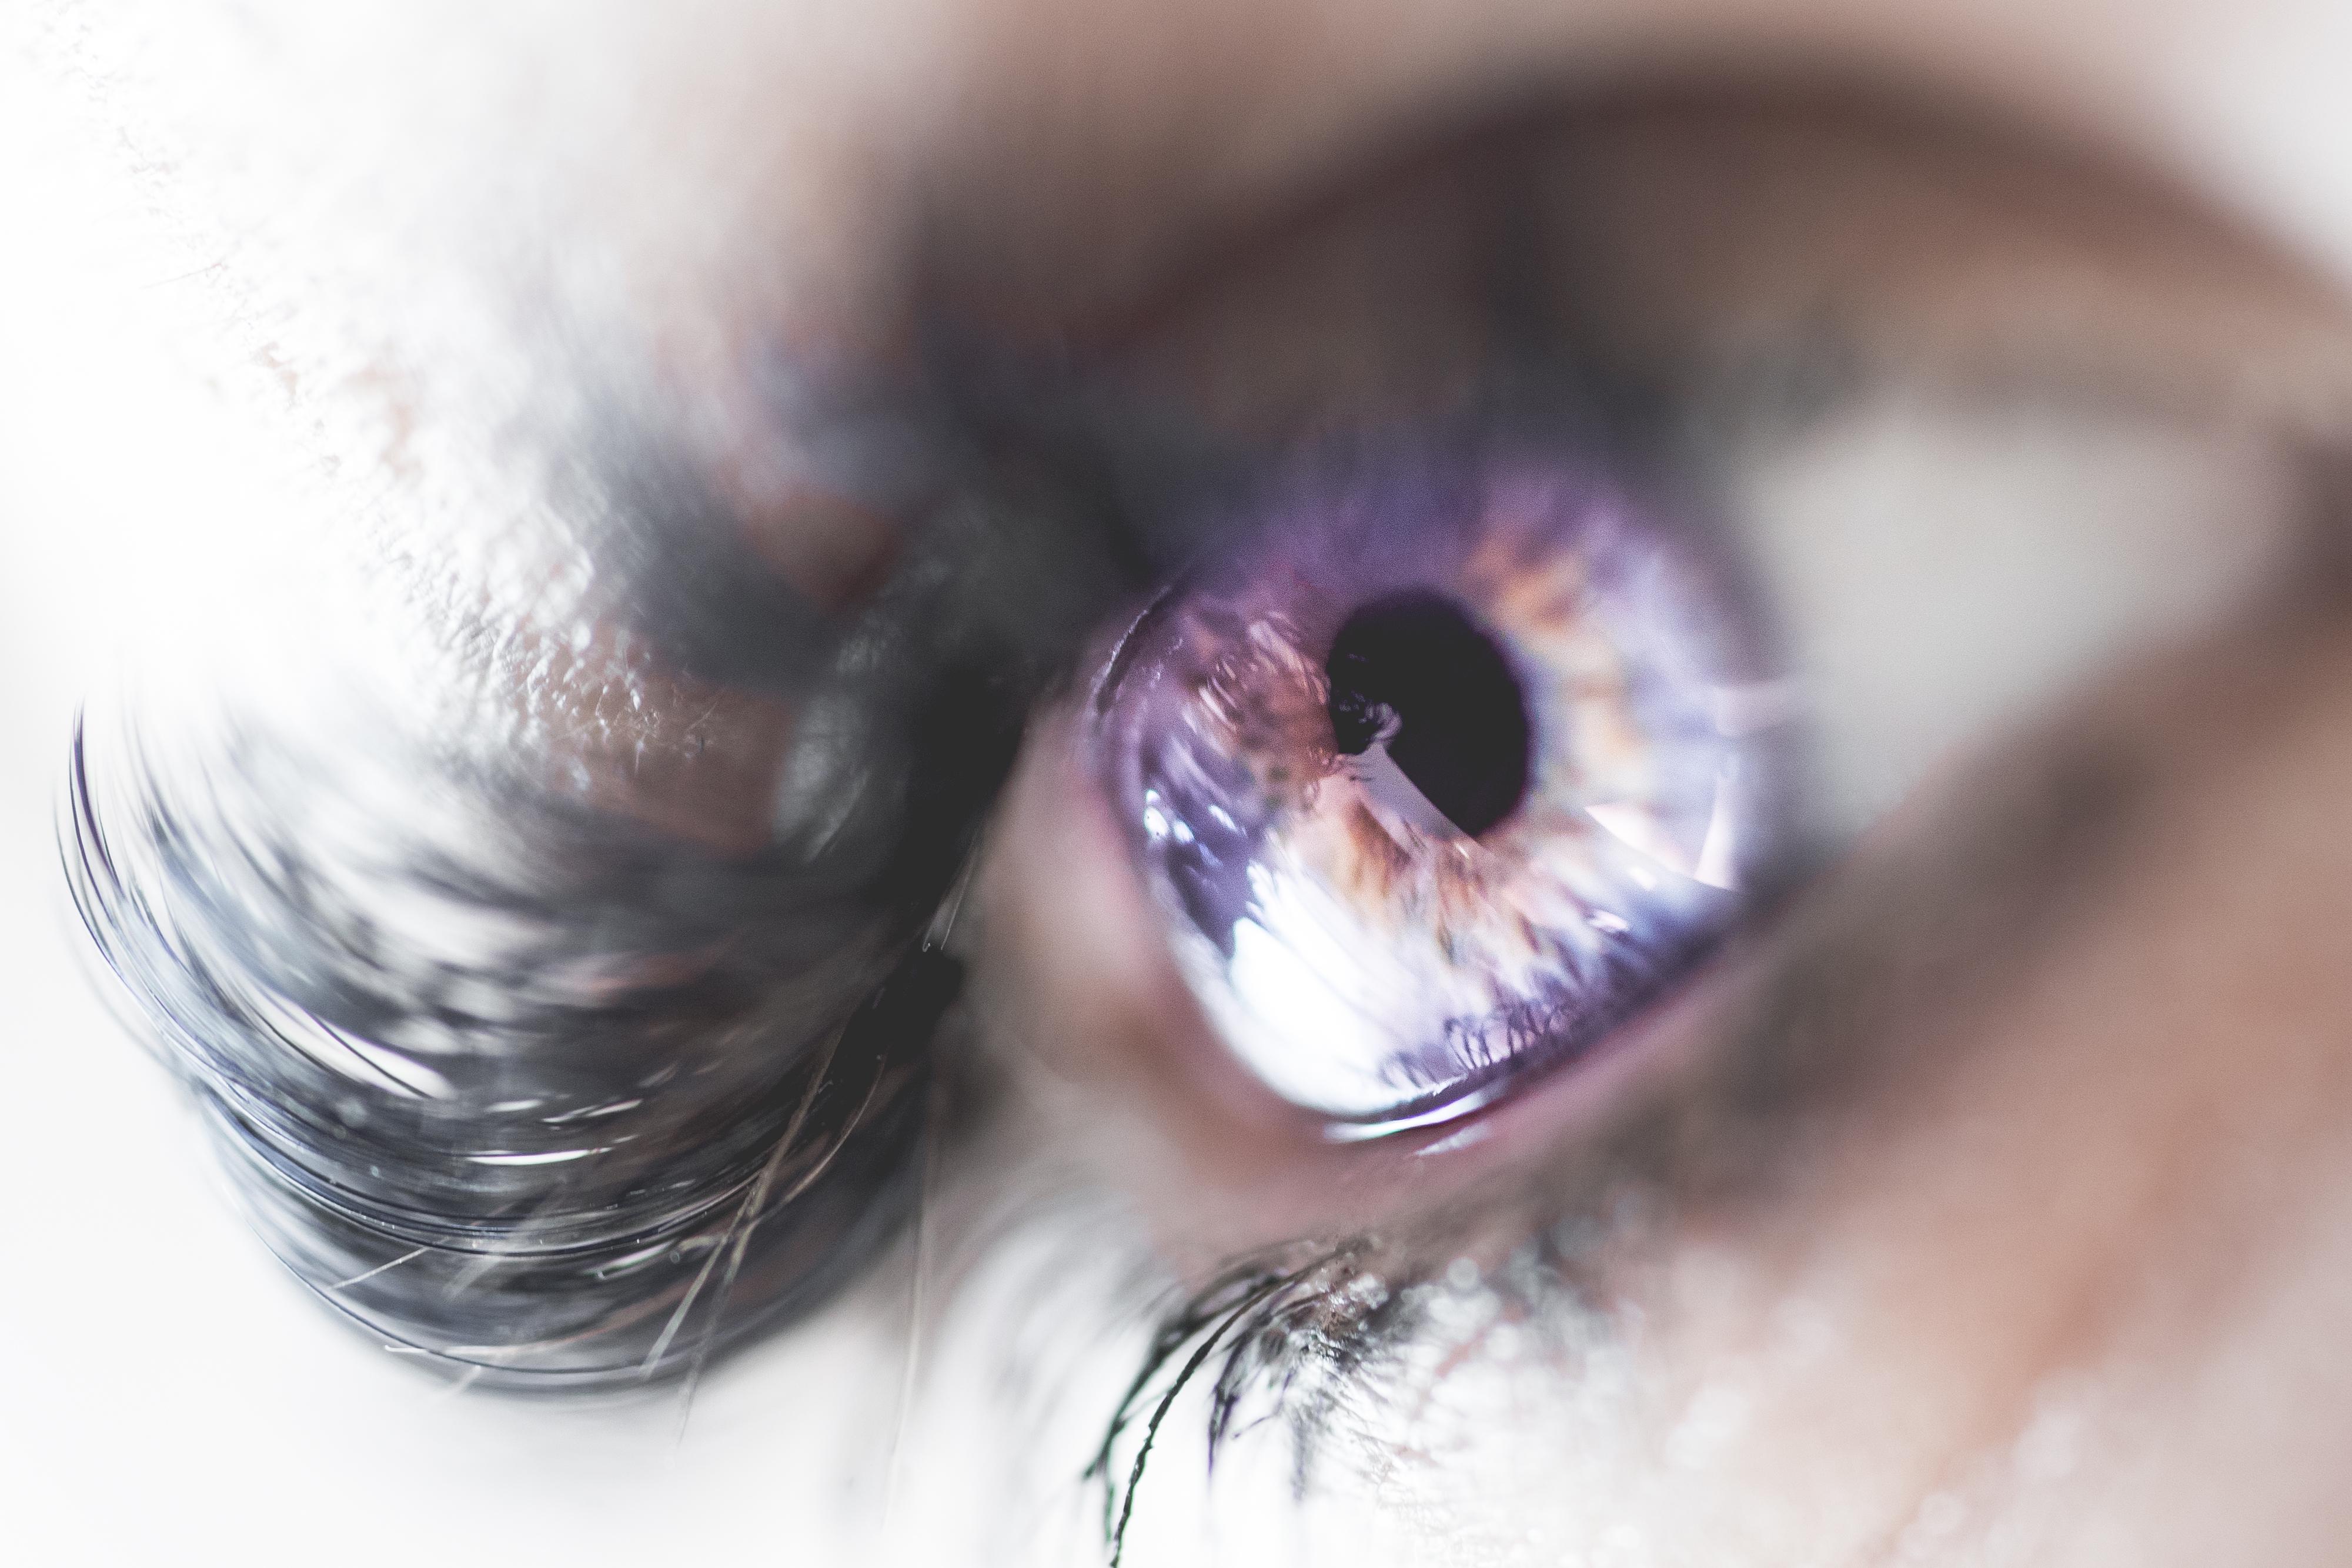 colorful-macro-image-of-human-eye-picjumbo-com